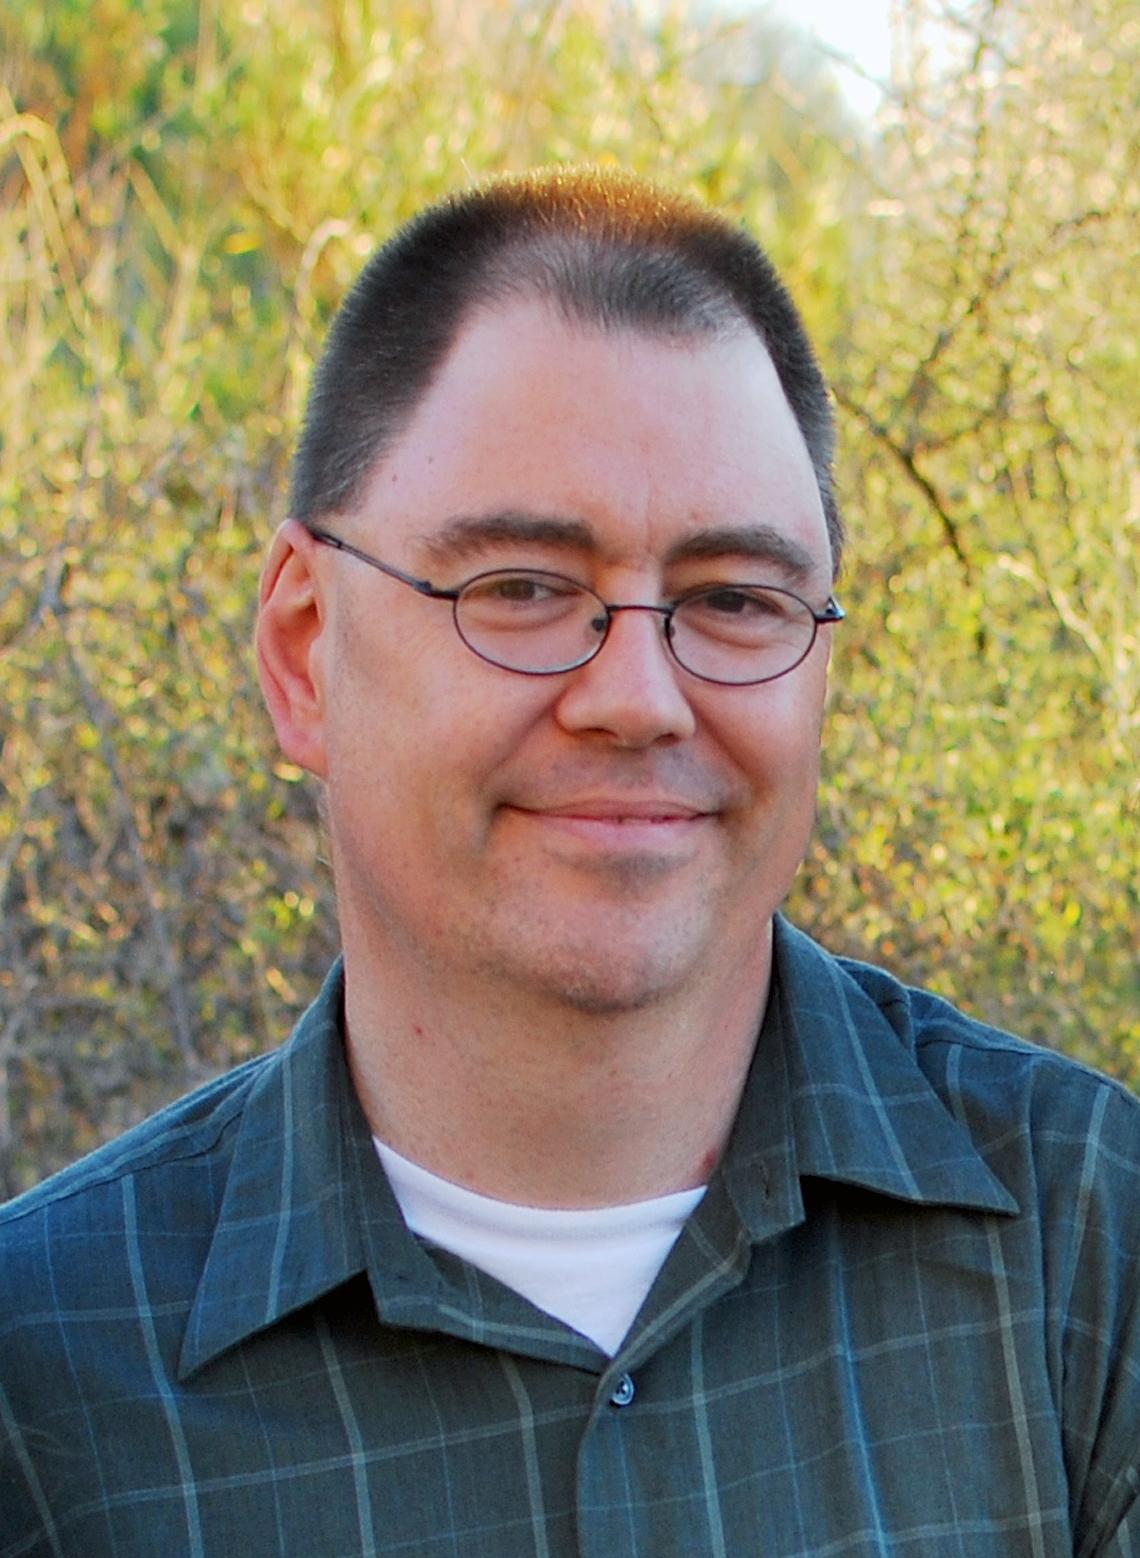 Ryan Daniel White